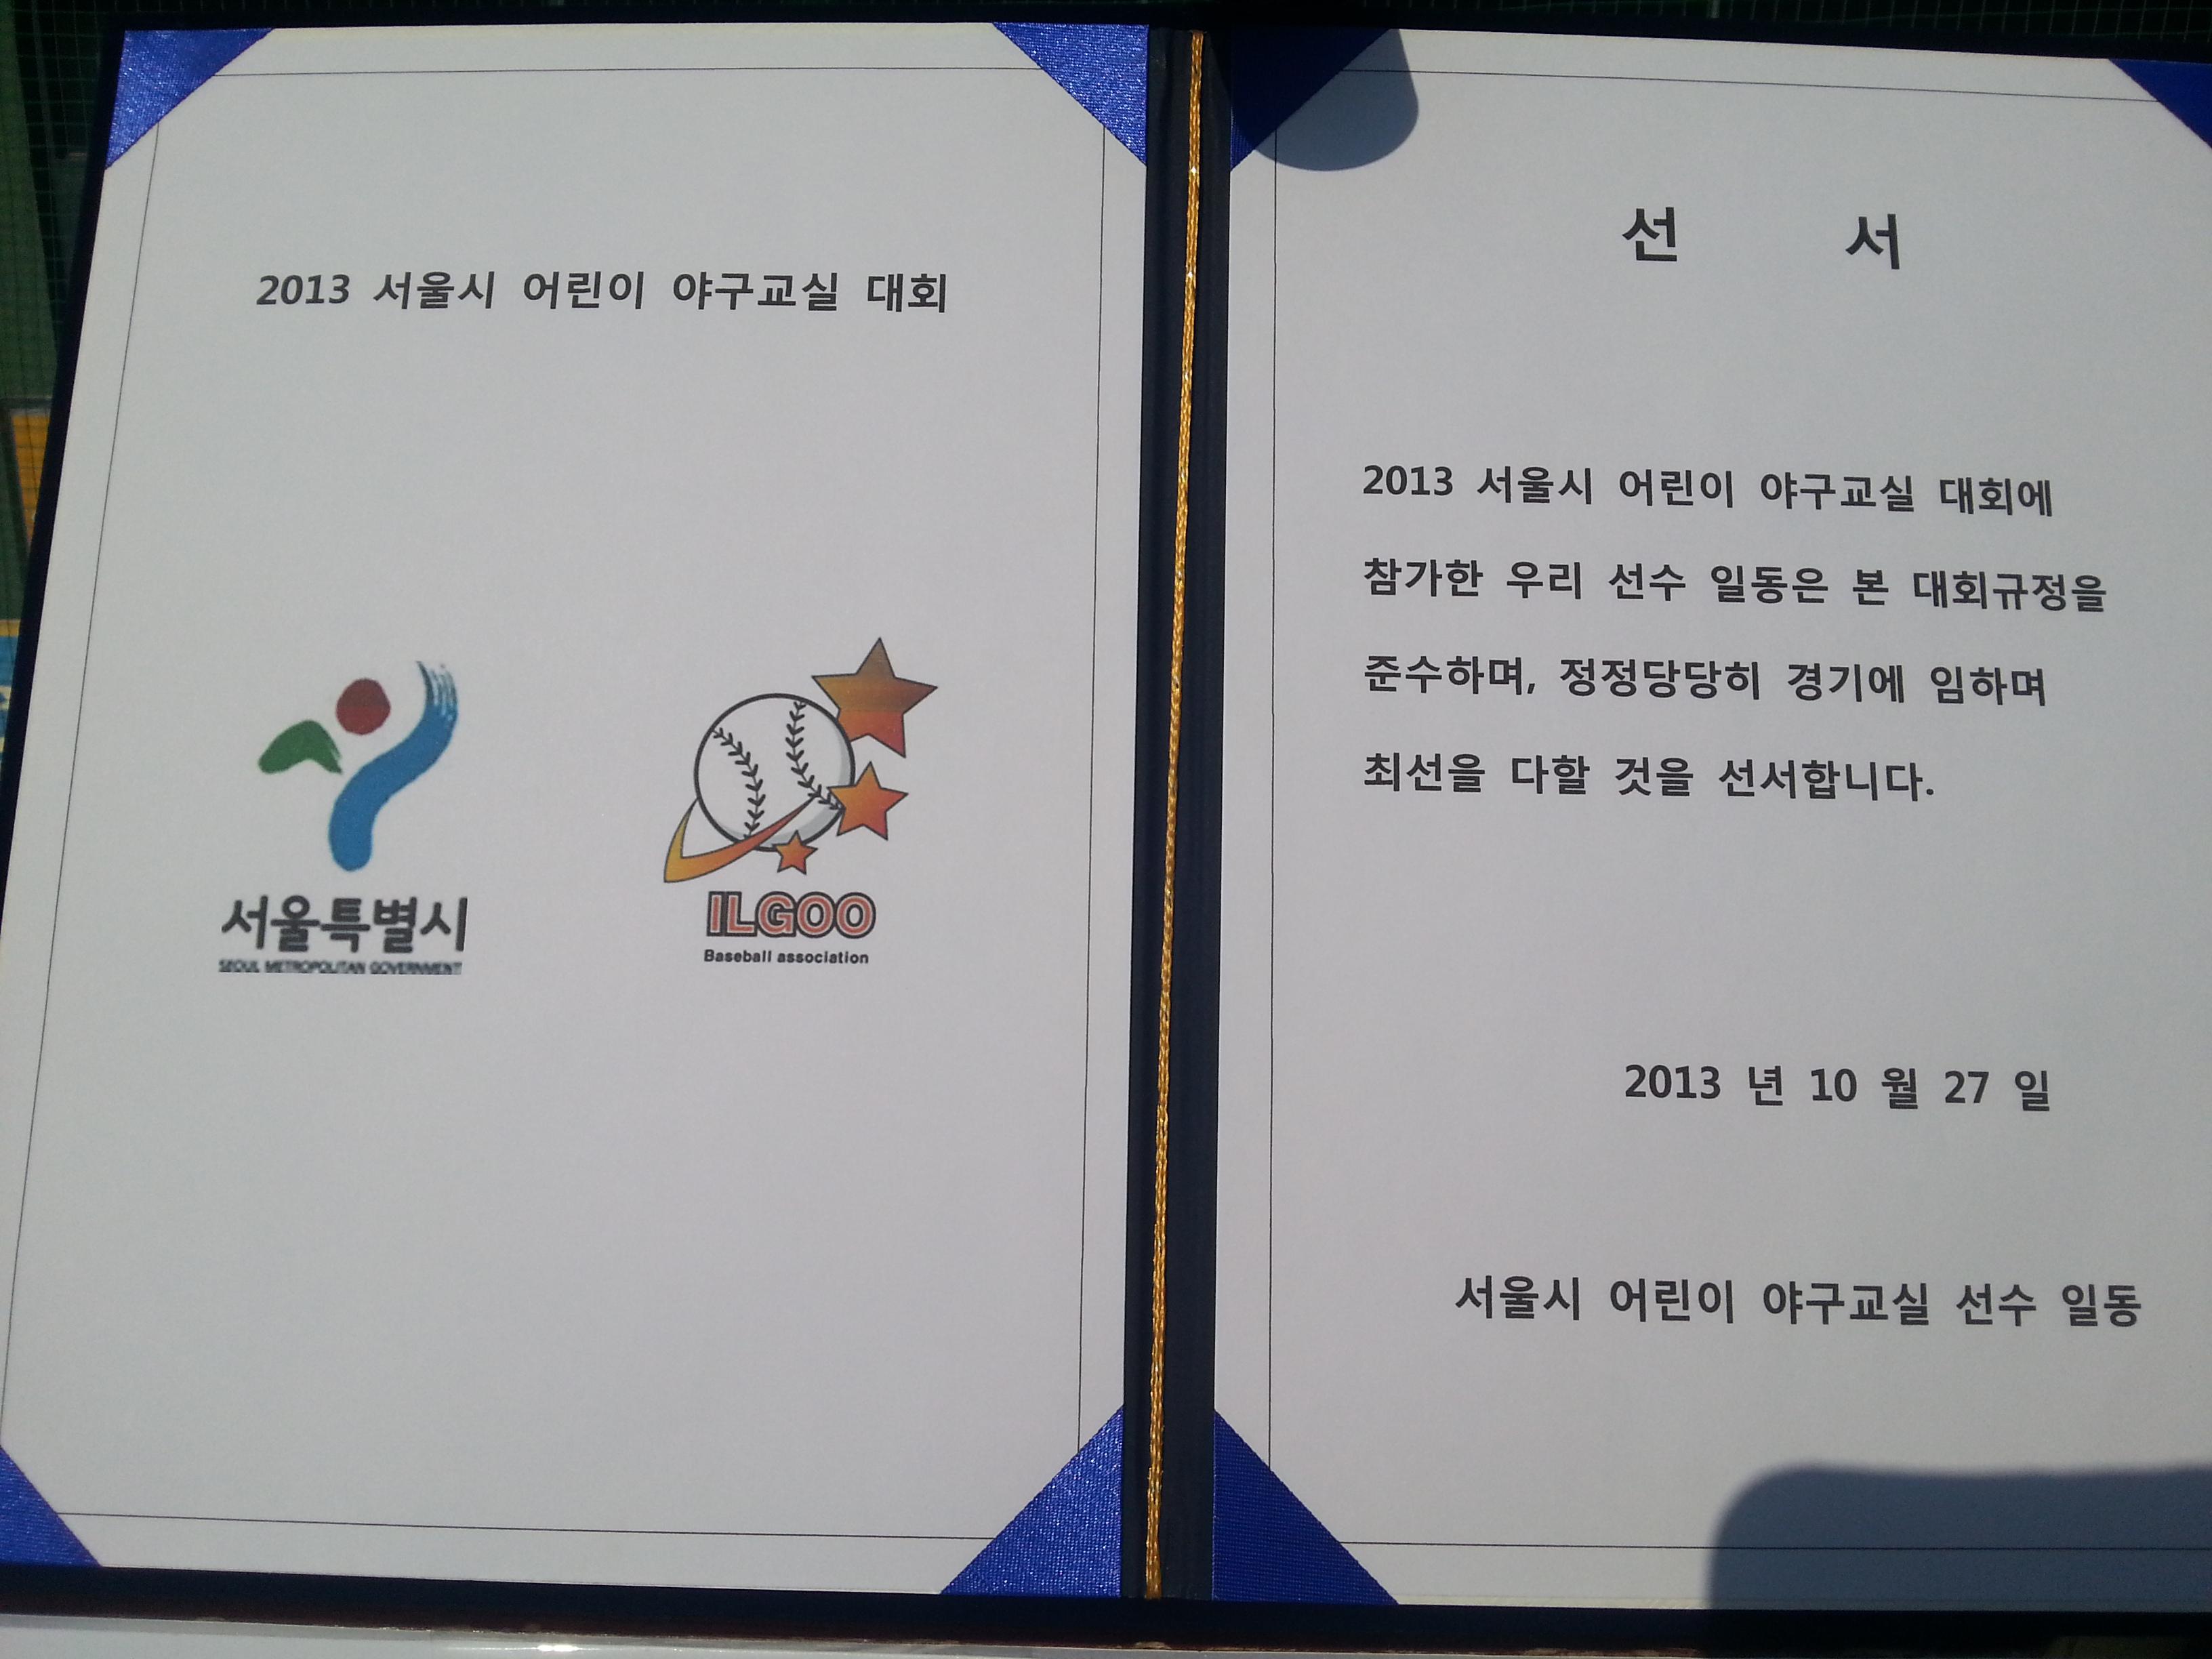 홈 > 커뮤니티 > 일구회 갤러리 > 2013 어린이 야구교실 대회 개최